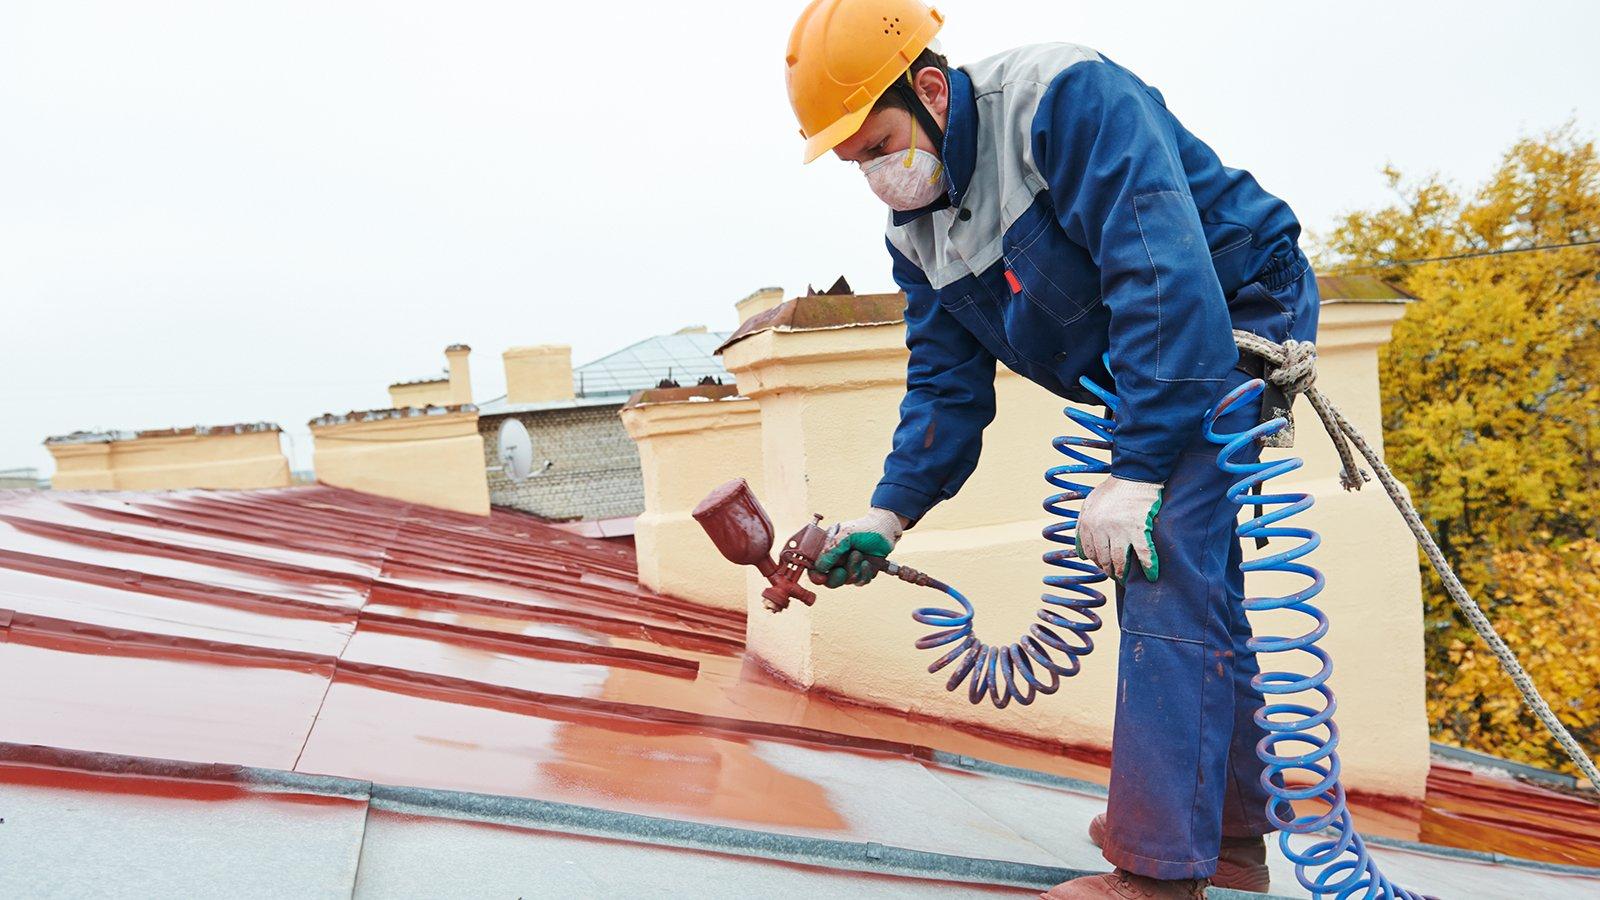 Uomo impermeabilizza tetto